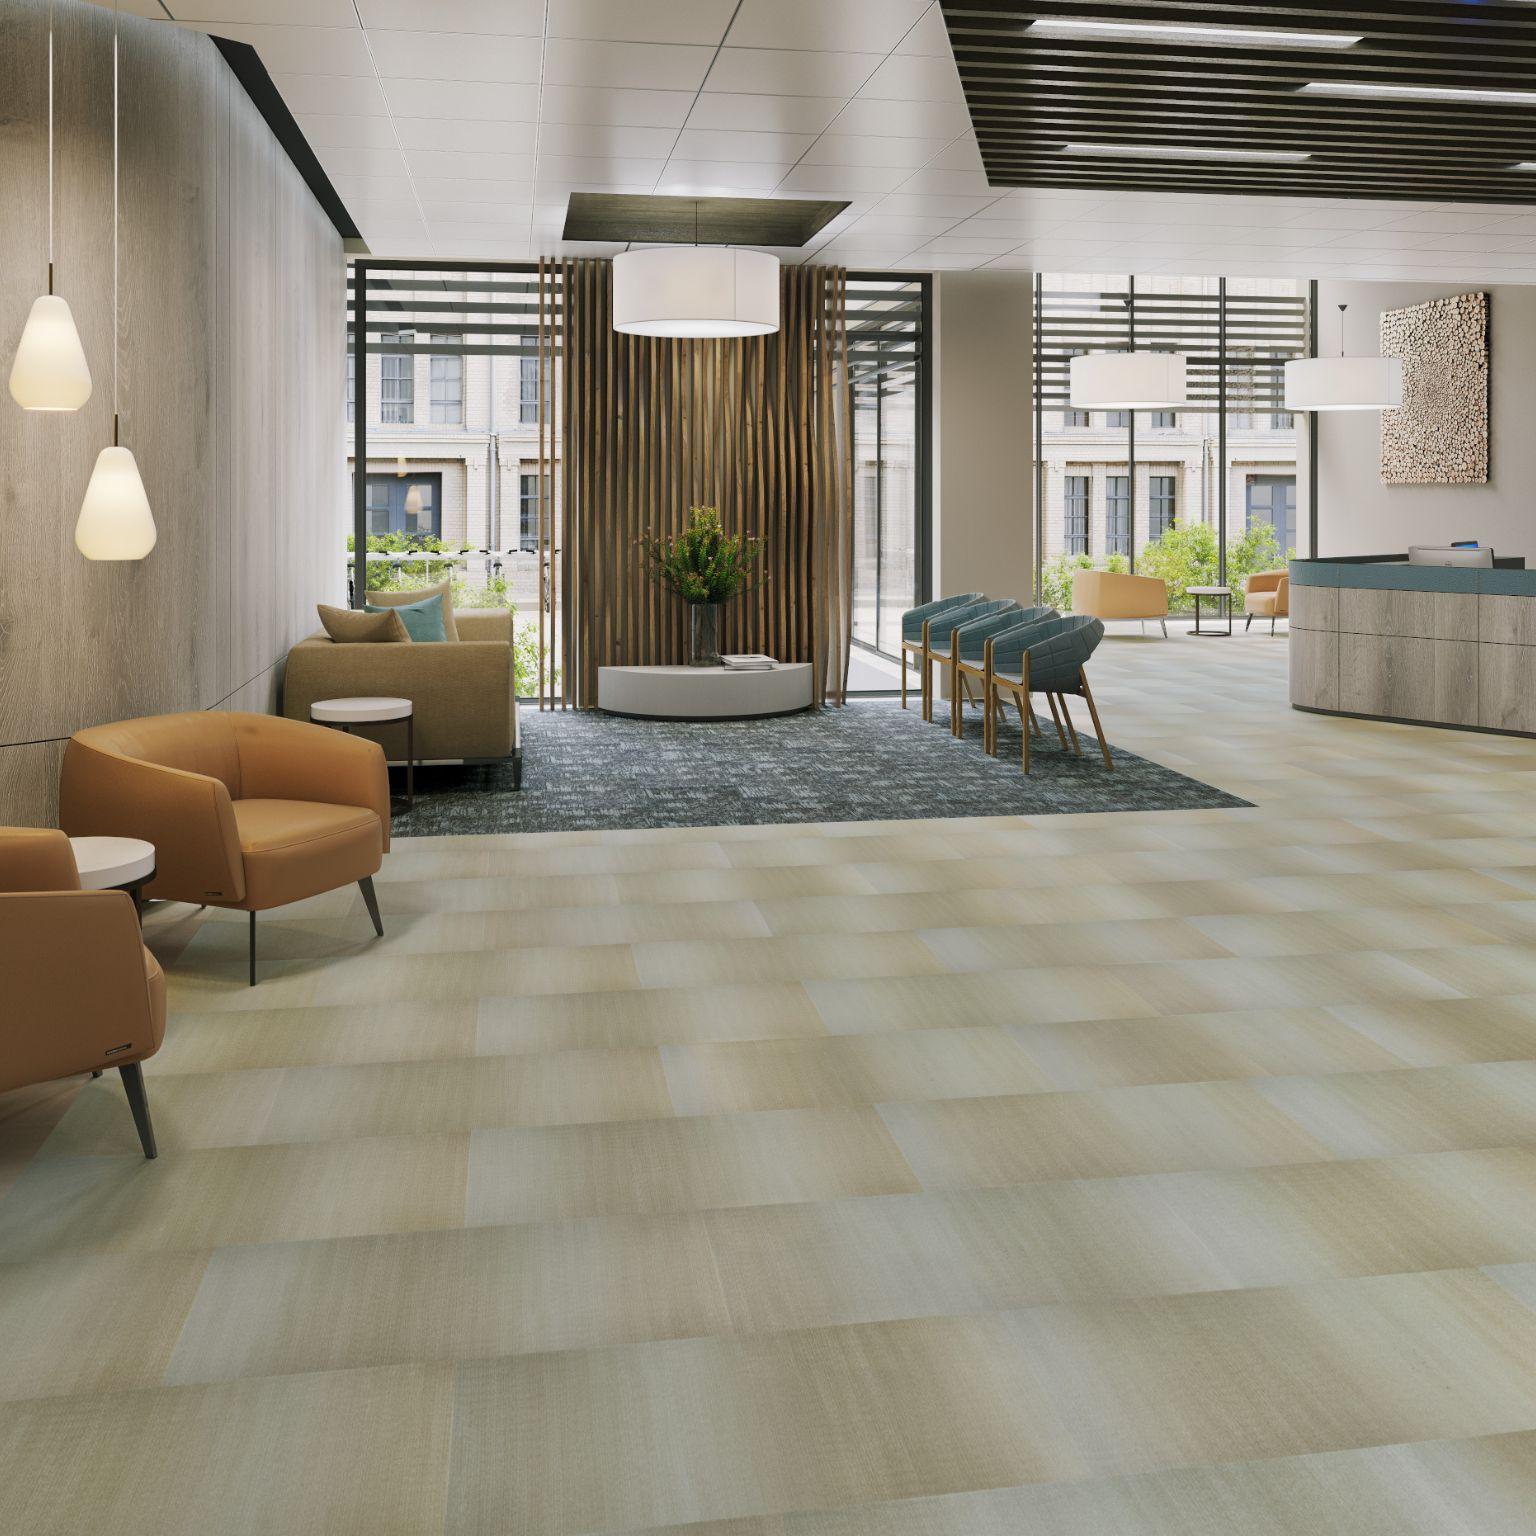 Square Tiles - Cuadrado Alfombras